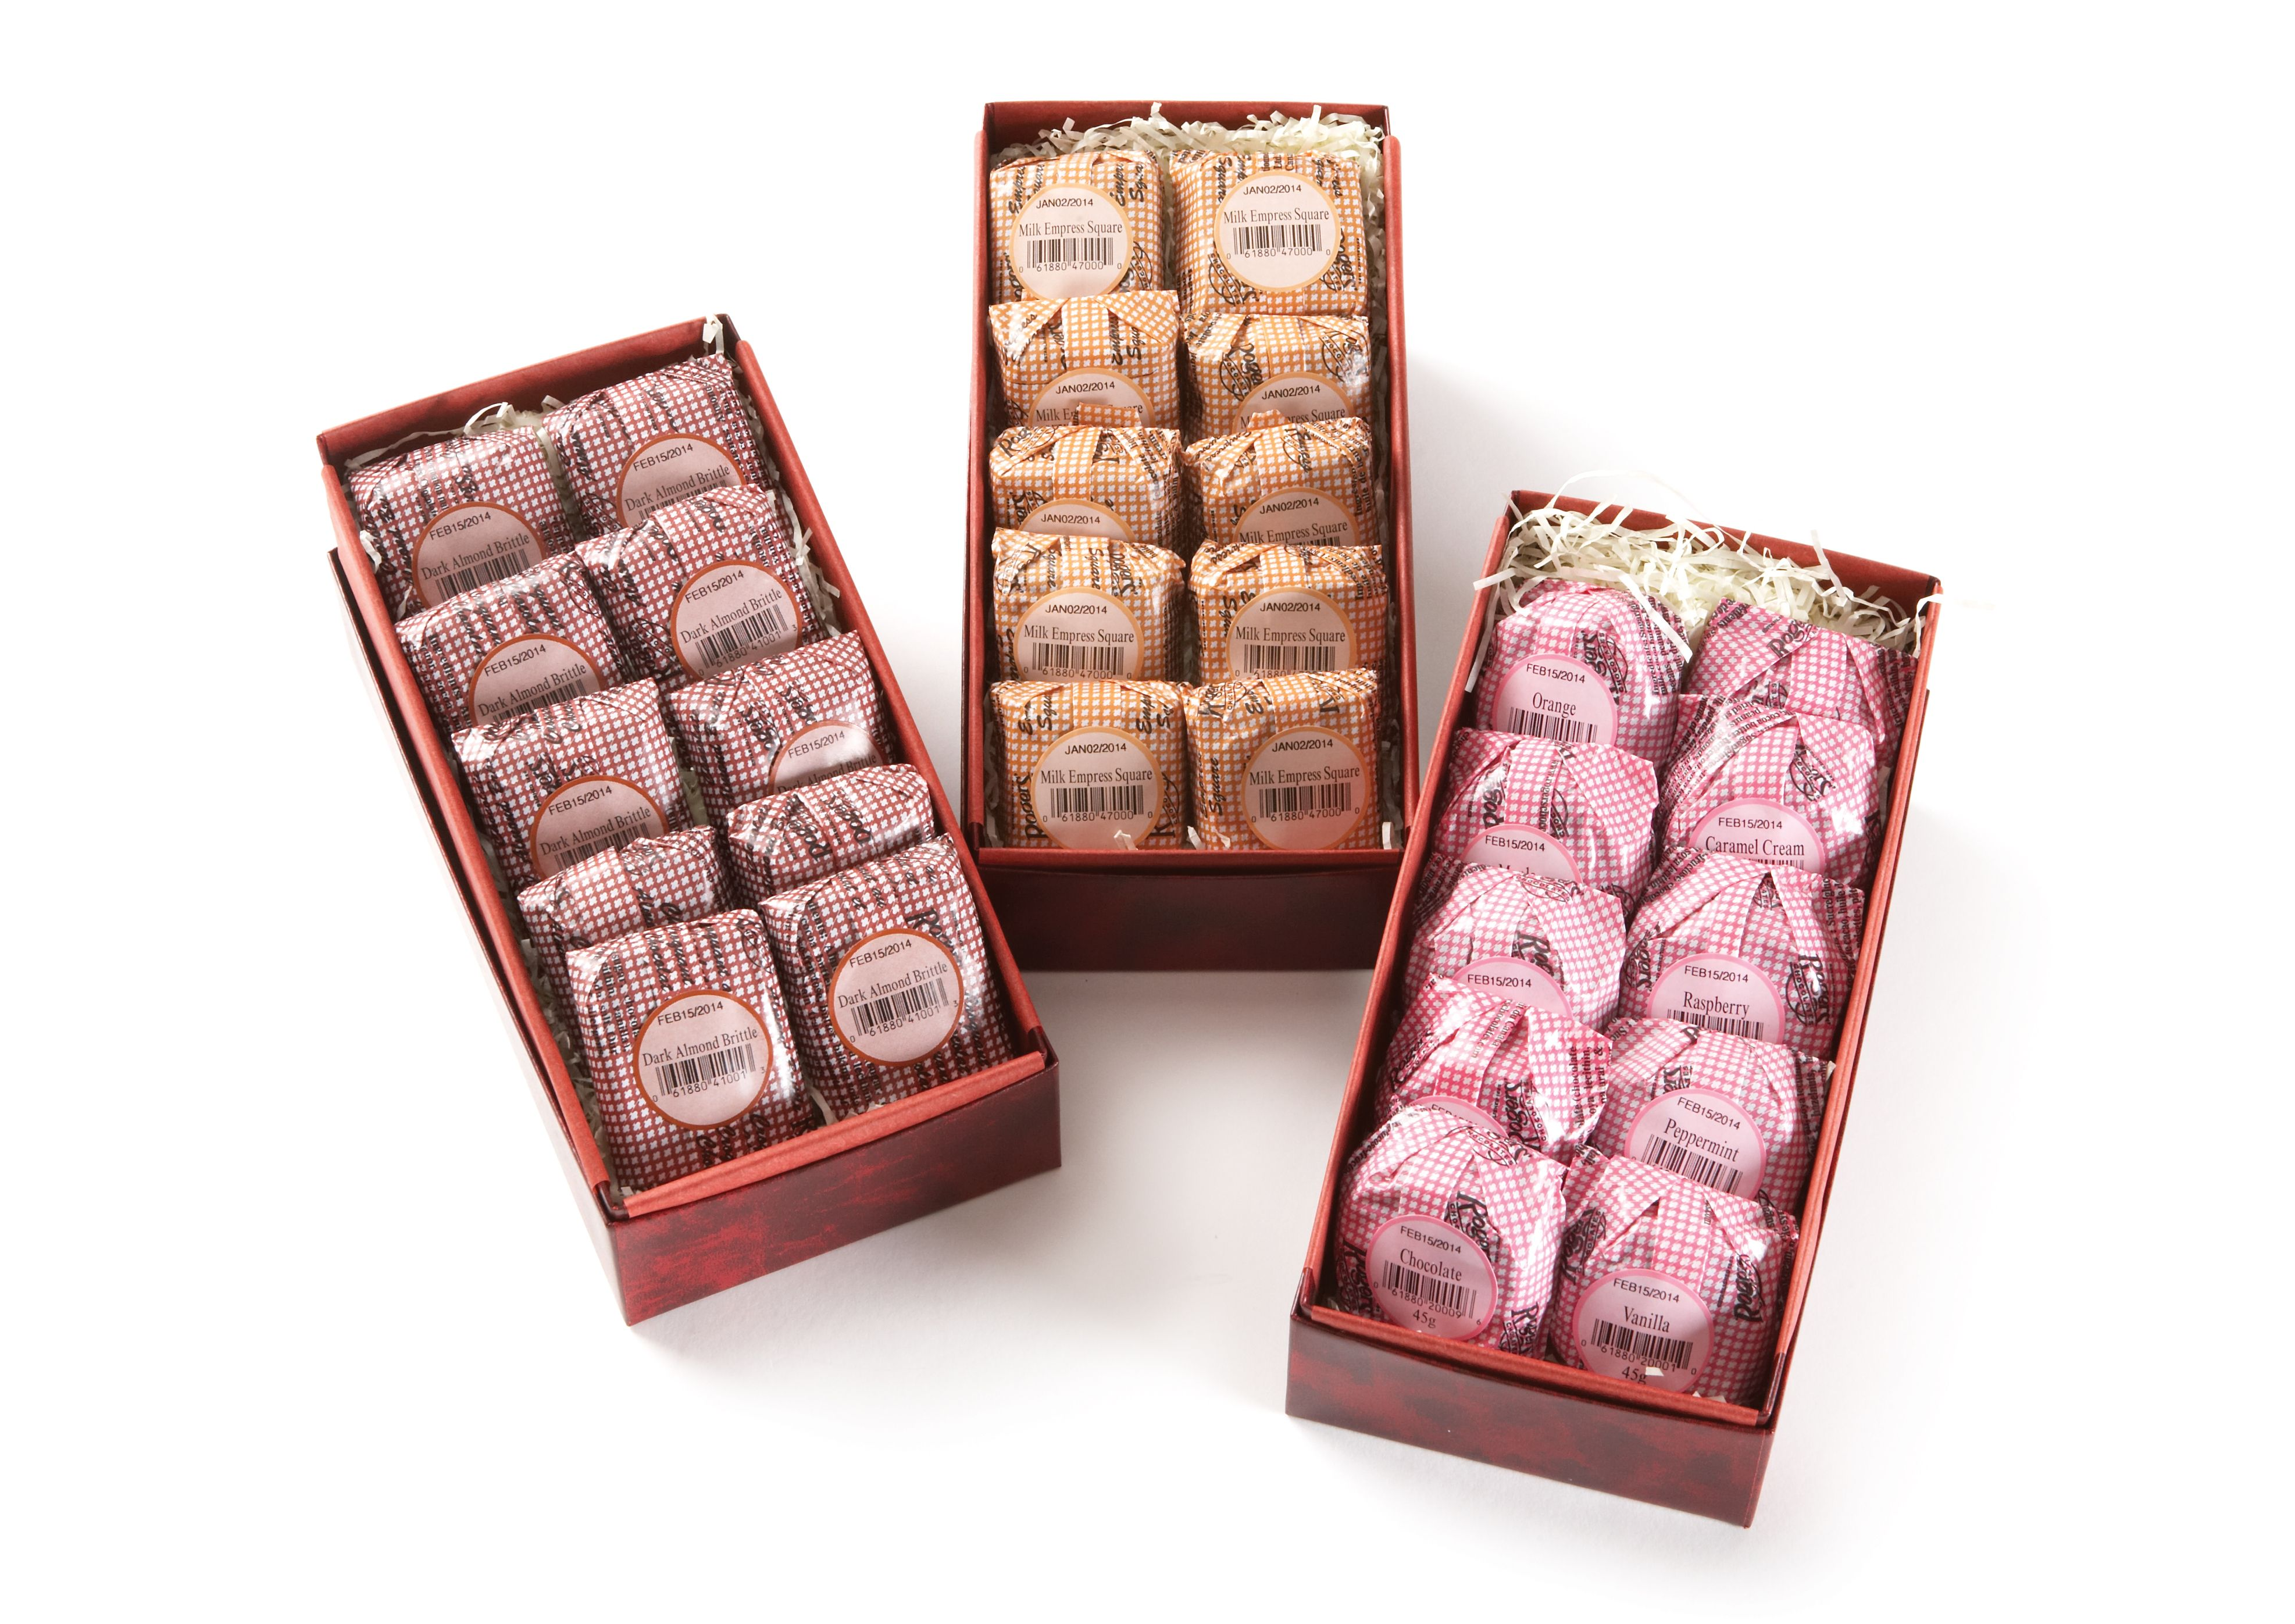 Victoria Creams, Almond Brittle & Empress Squares